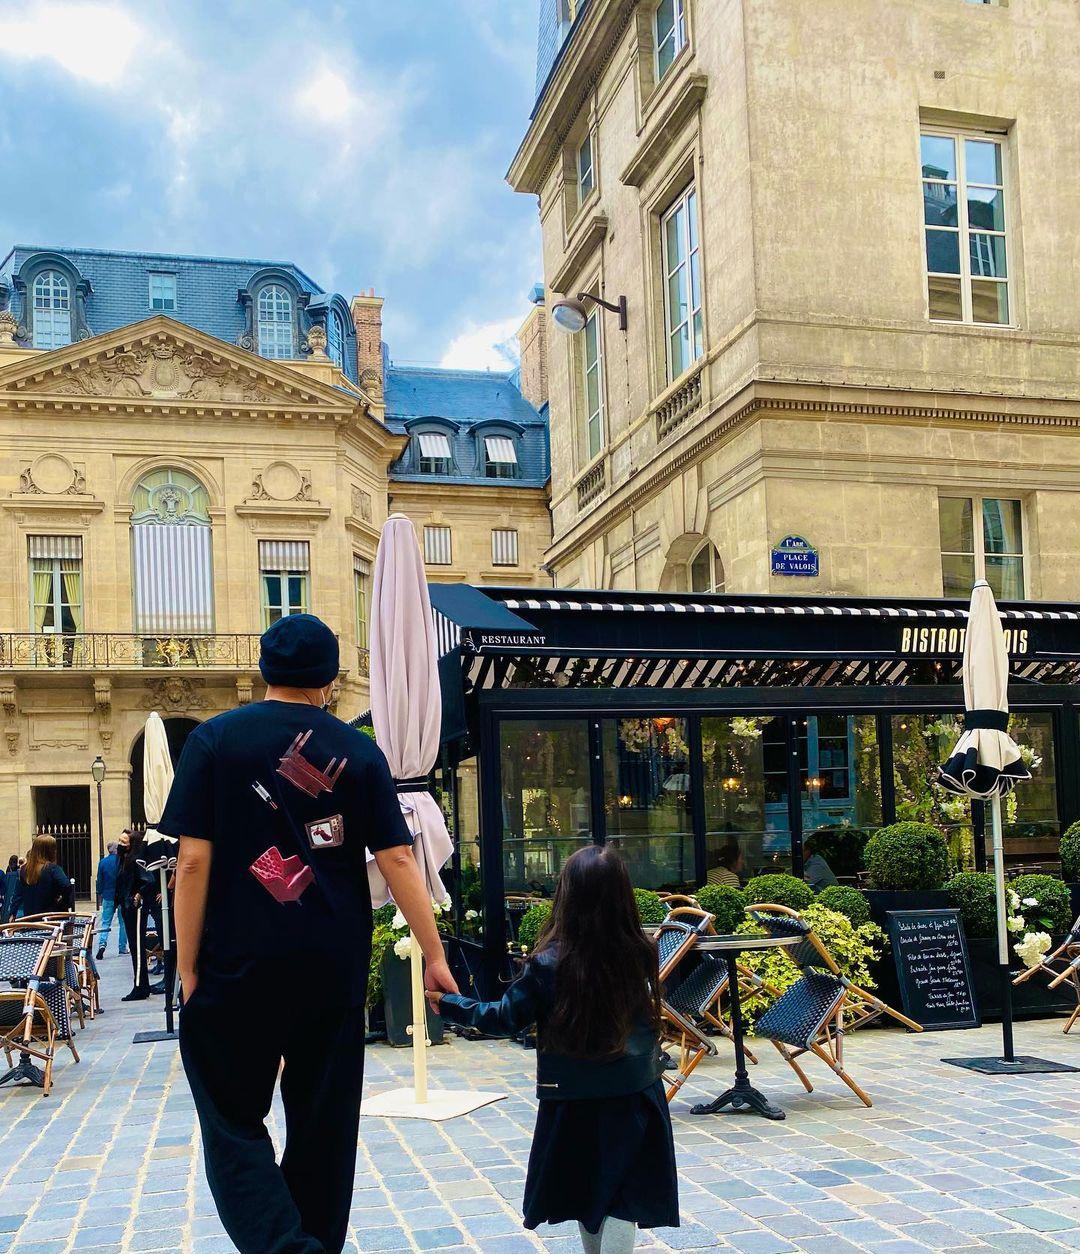 Châu Kiệt Luân dắt tay con gái vào quán cà phê ở Paris. Dành phần lớn thời gian chuyến đi ở kinh đô hoa lệ, nam nhạc sĩ Đài Loan còn ghé qua thái Eiffel hay sông Seine - biểu tượng nước Pháp.